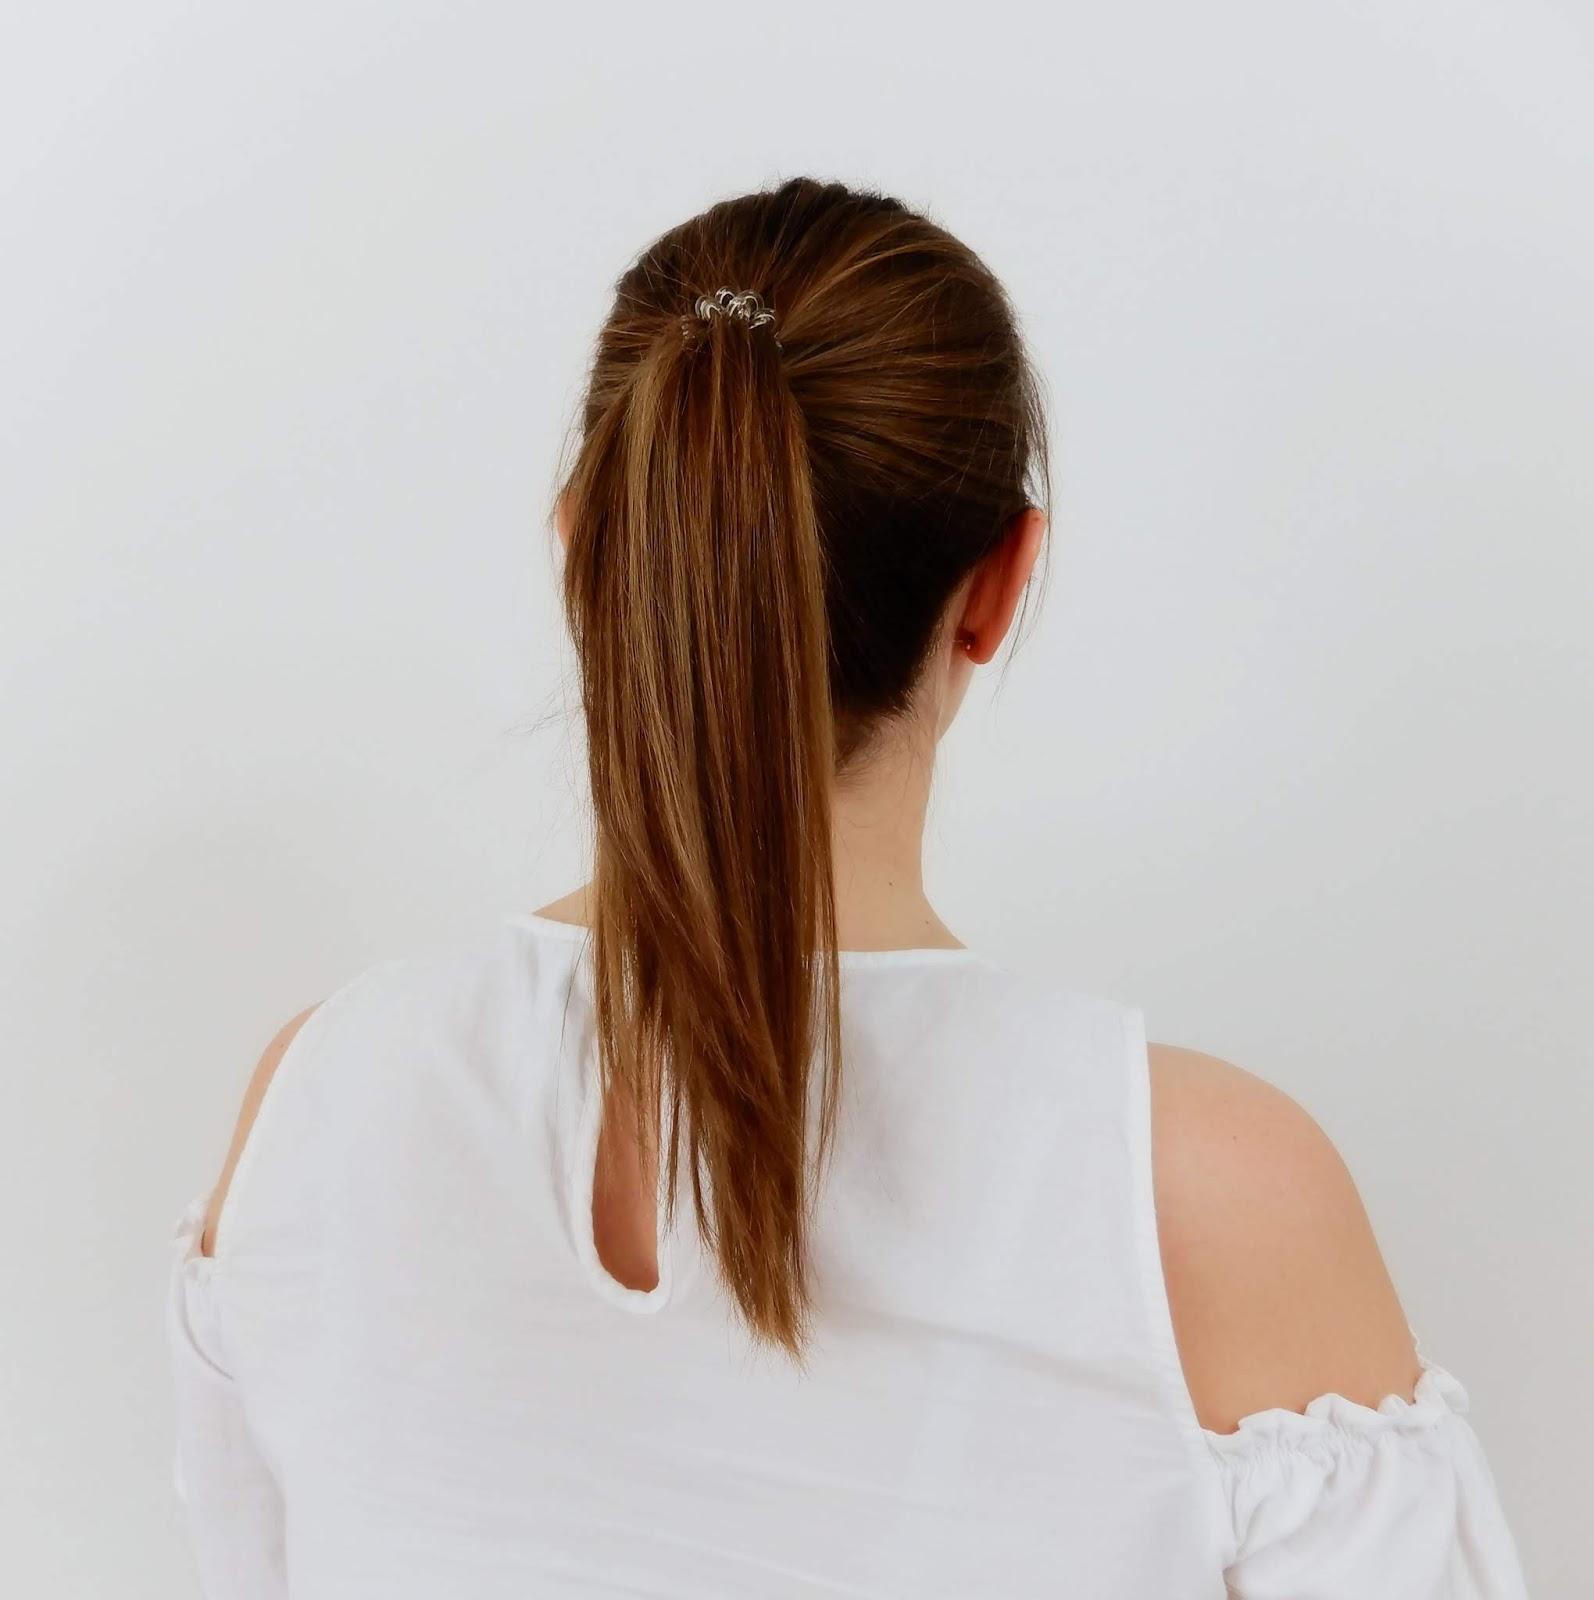 moja pielęgnacja włosów Hellojza About Beauty, pielęgnacja włosów cienkich, moja włosowa historia, równowaga peh,